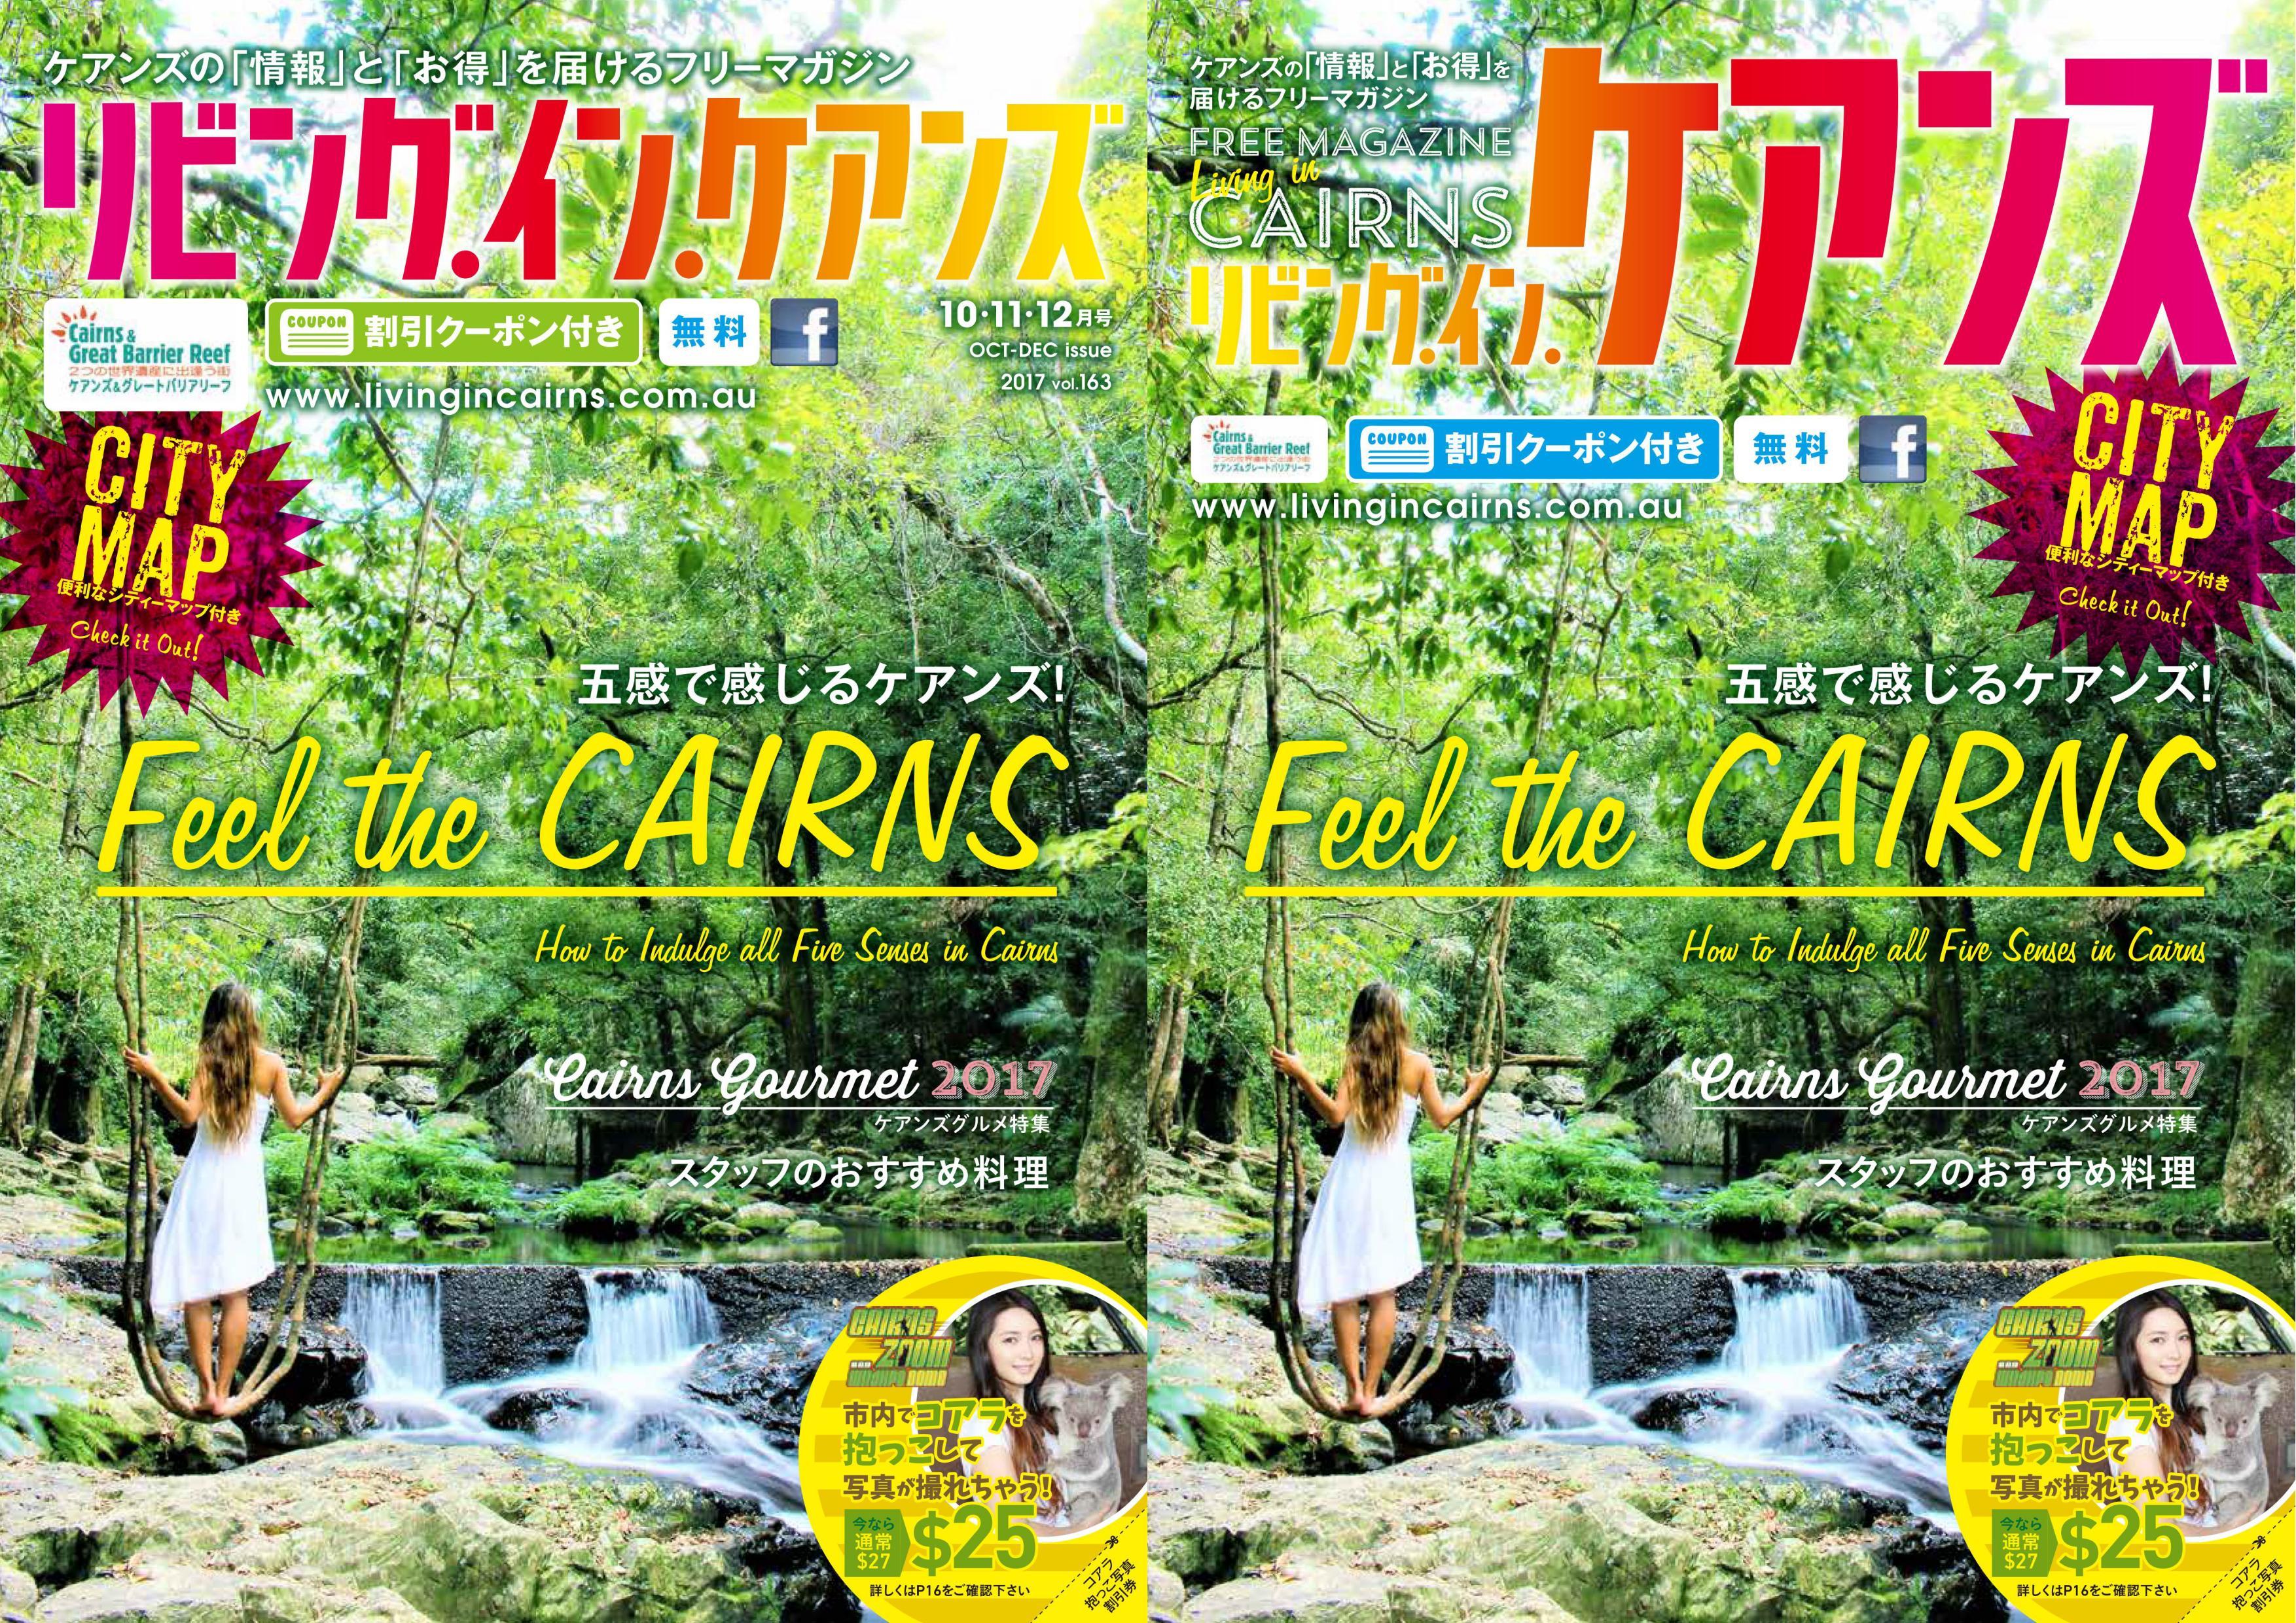 五感で感じるケアンズ Feel the CAIRNS ~How to indulge all Five Senses in Cairns~